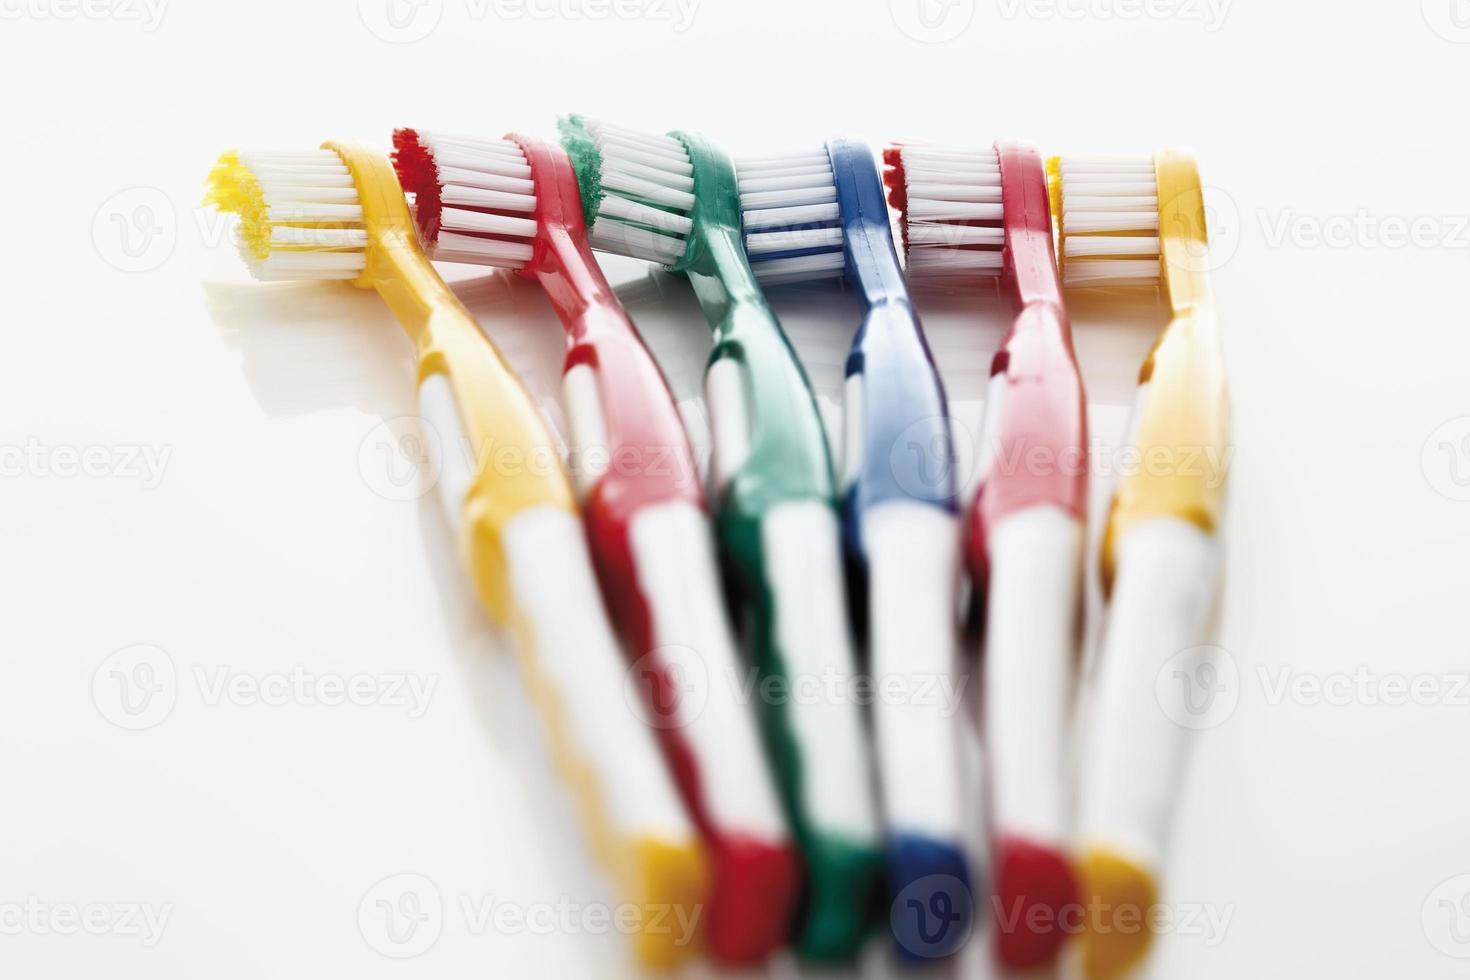 variété de brosses à dents photo